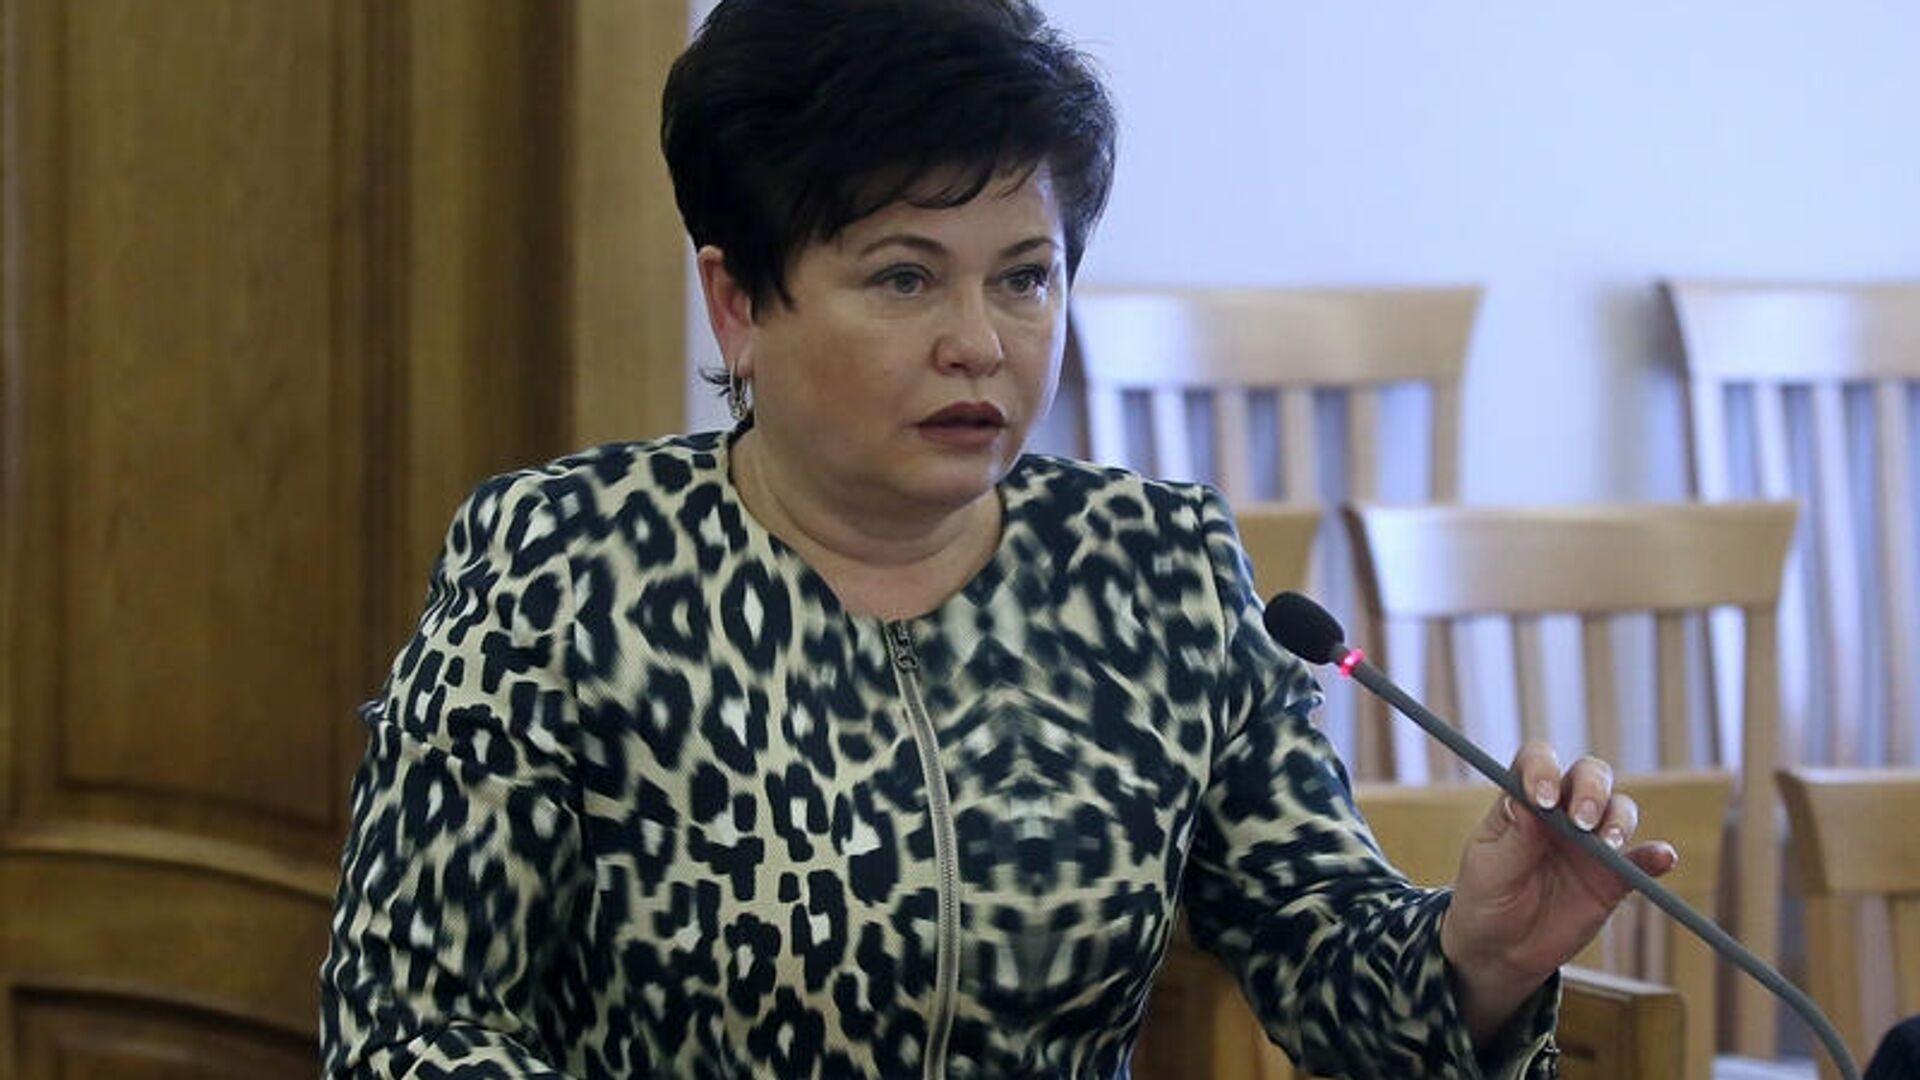 СК раскрыл детали задержания замглавы департамента экономики Москвы